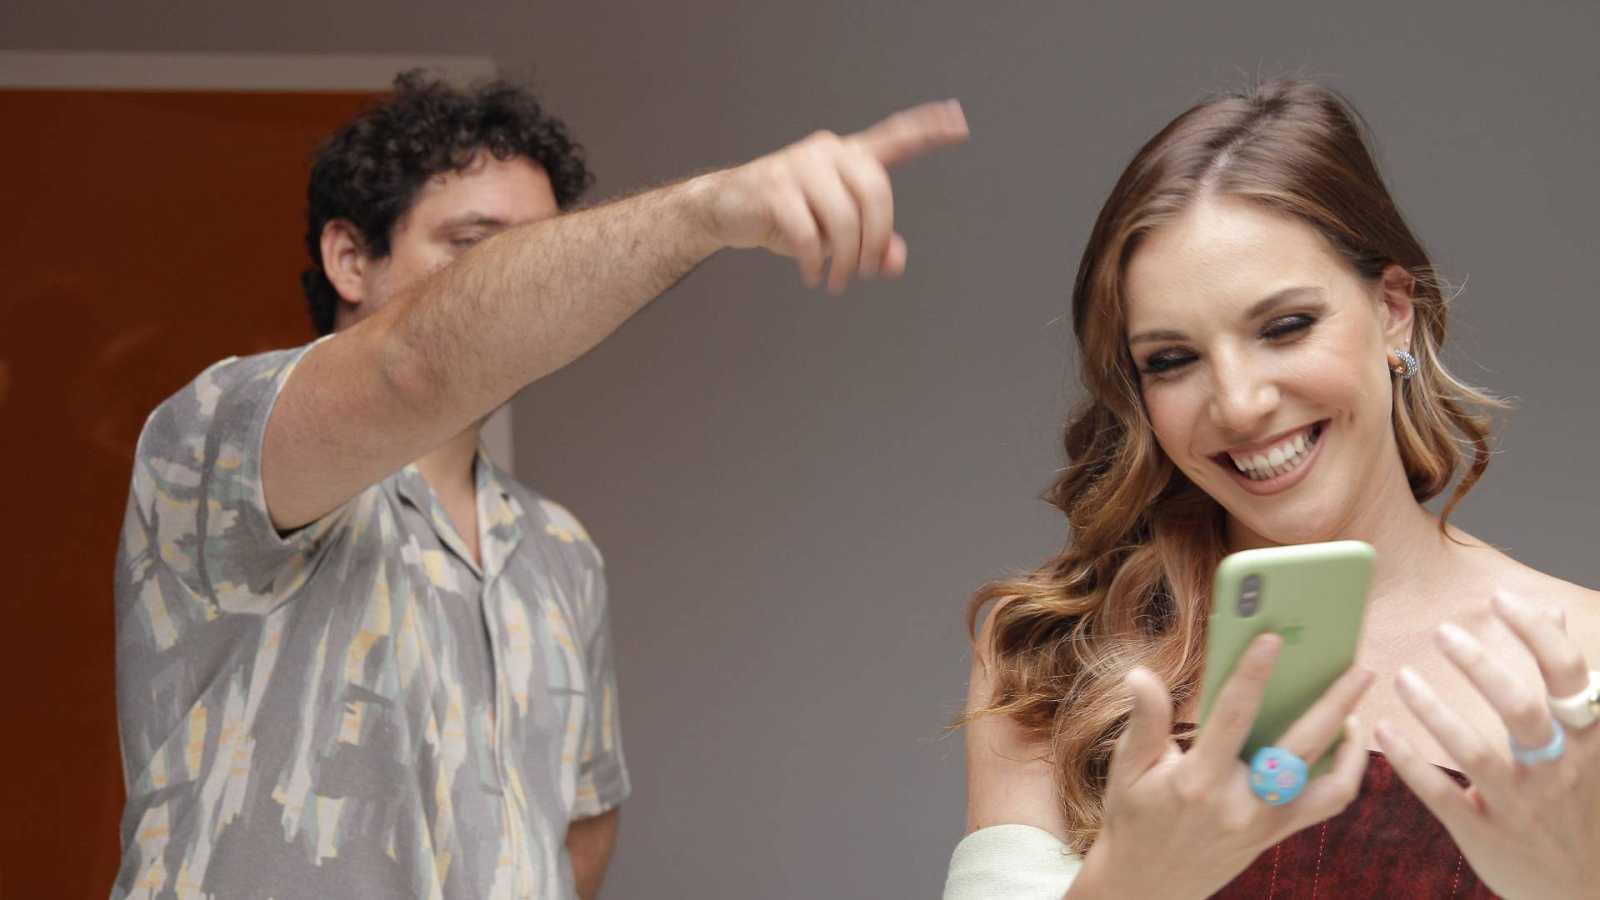 Inés Hernand y Darío en Gen Playz de verano